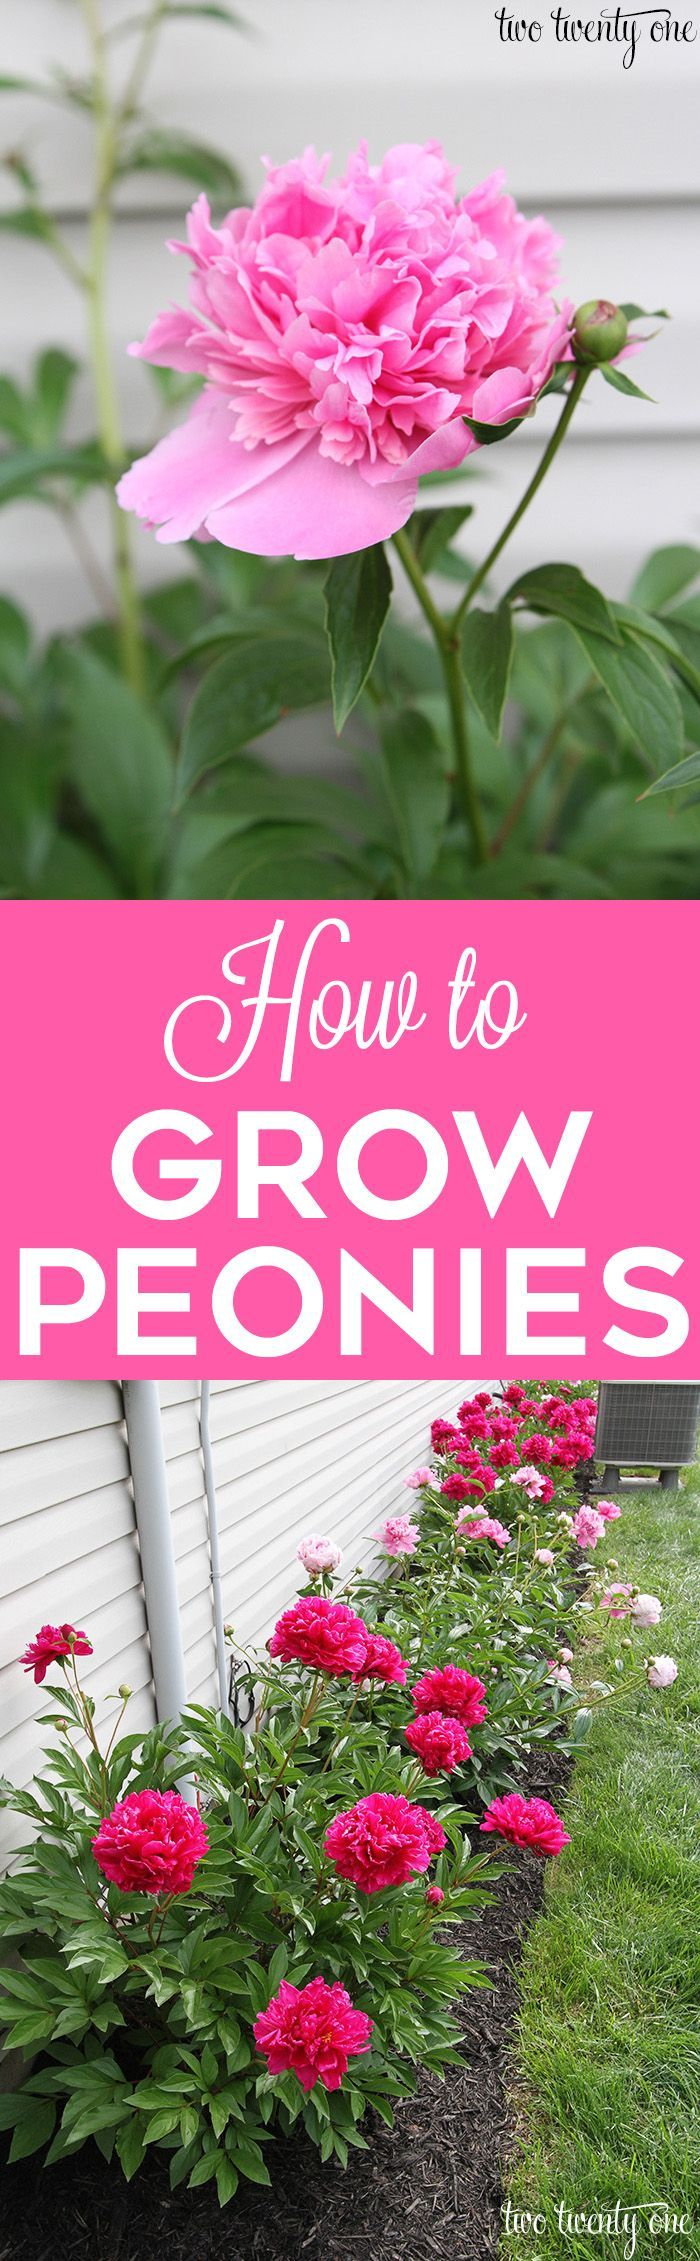 GREAT tips on how to grow peonies! http://twotwentyone.net/growing-peonies/